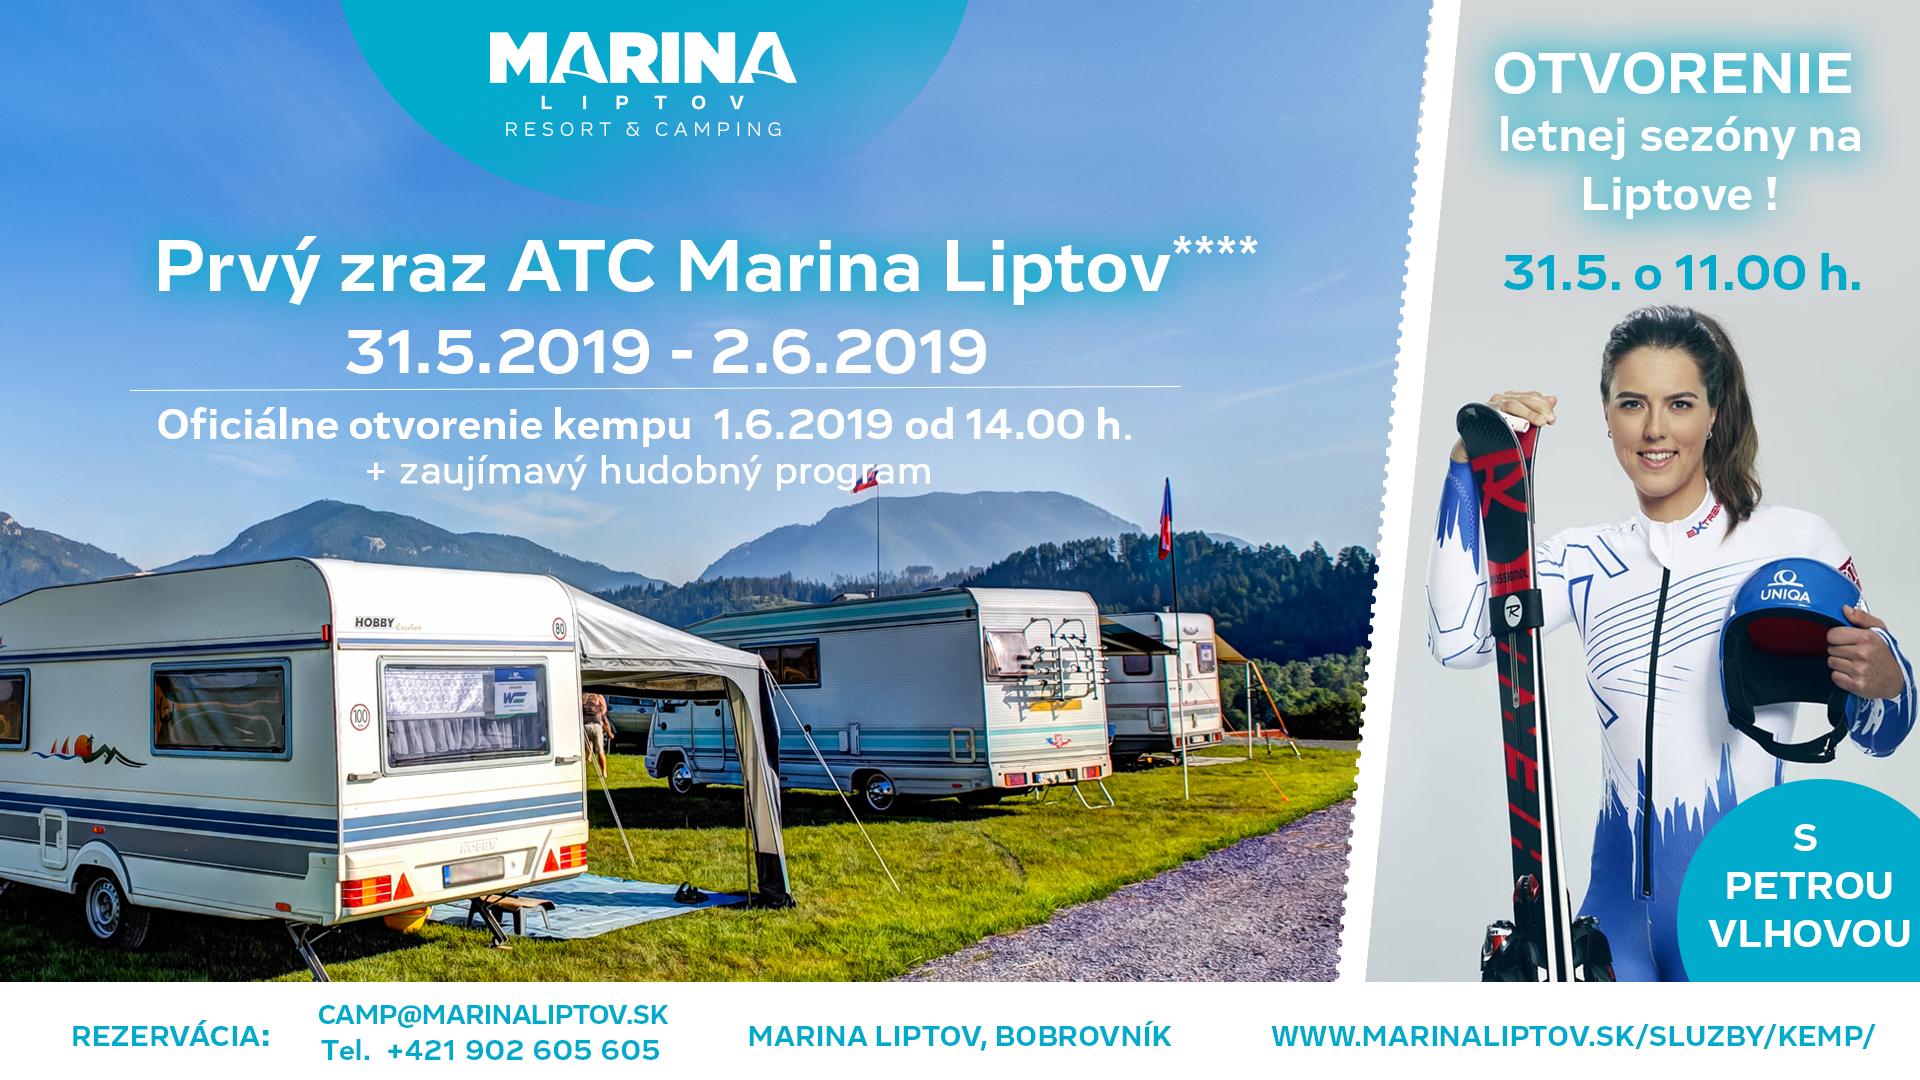 https://www.kempy-chaty.cz/sites/default/files/turistika/pozvanka_na_zraz_atc_marina_liptov.jpg